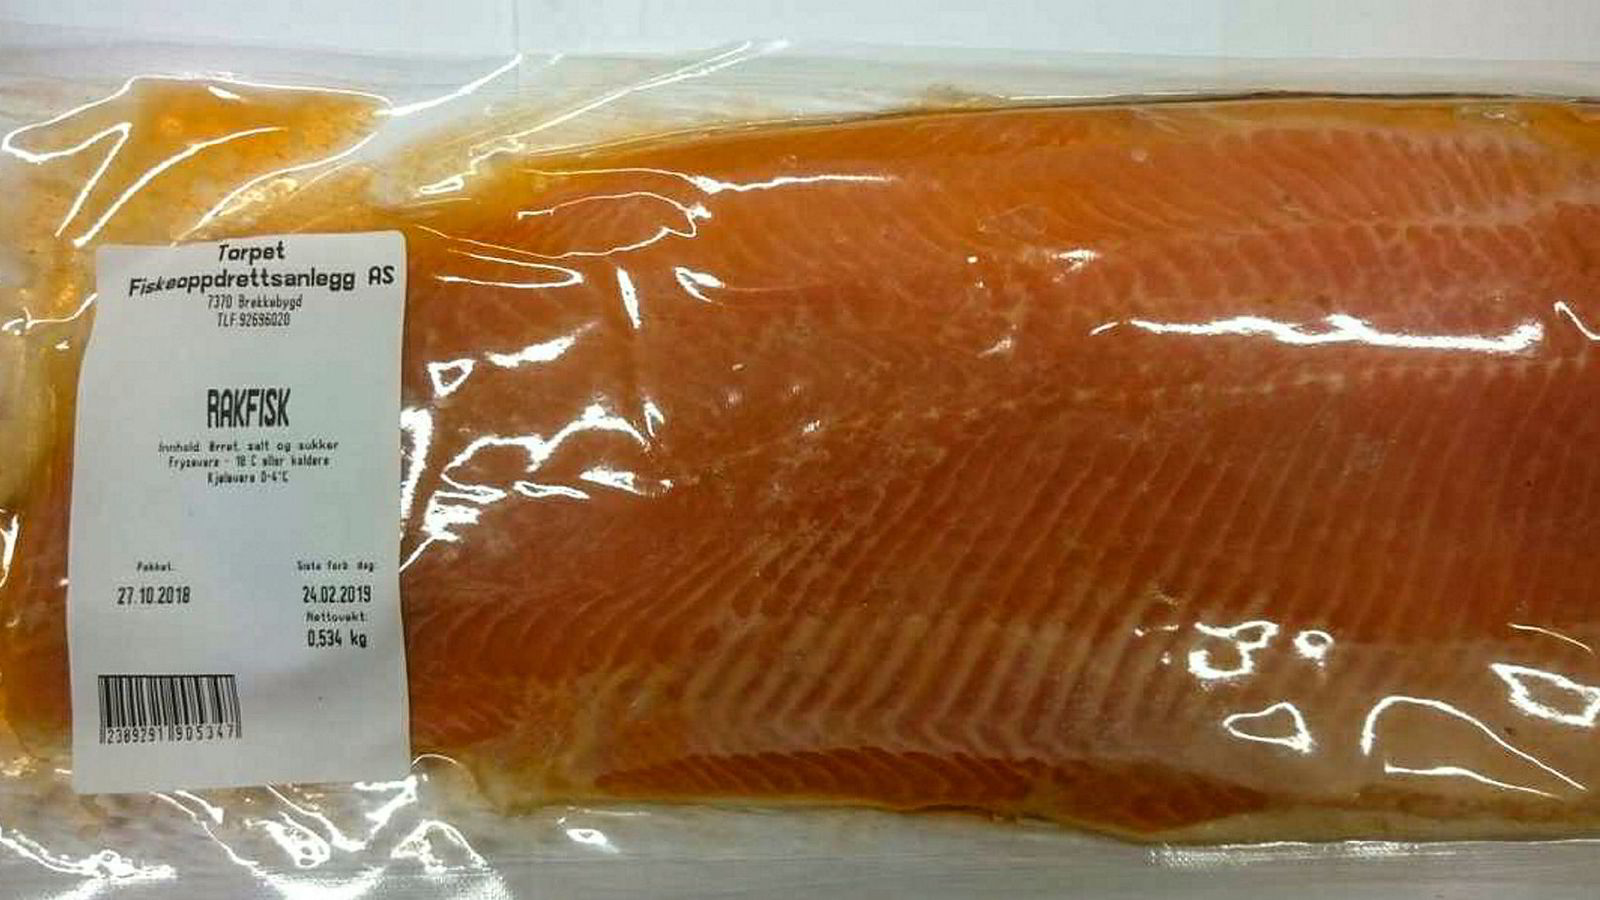 Torpet Fiskeoppdrettsanlegg AS, Røros, trekker tilbake rakfisk produsert i 2018. Det er mistanke om at inntak av fisken kan medføre botulisme.